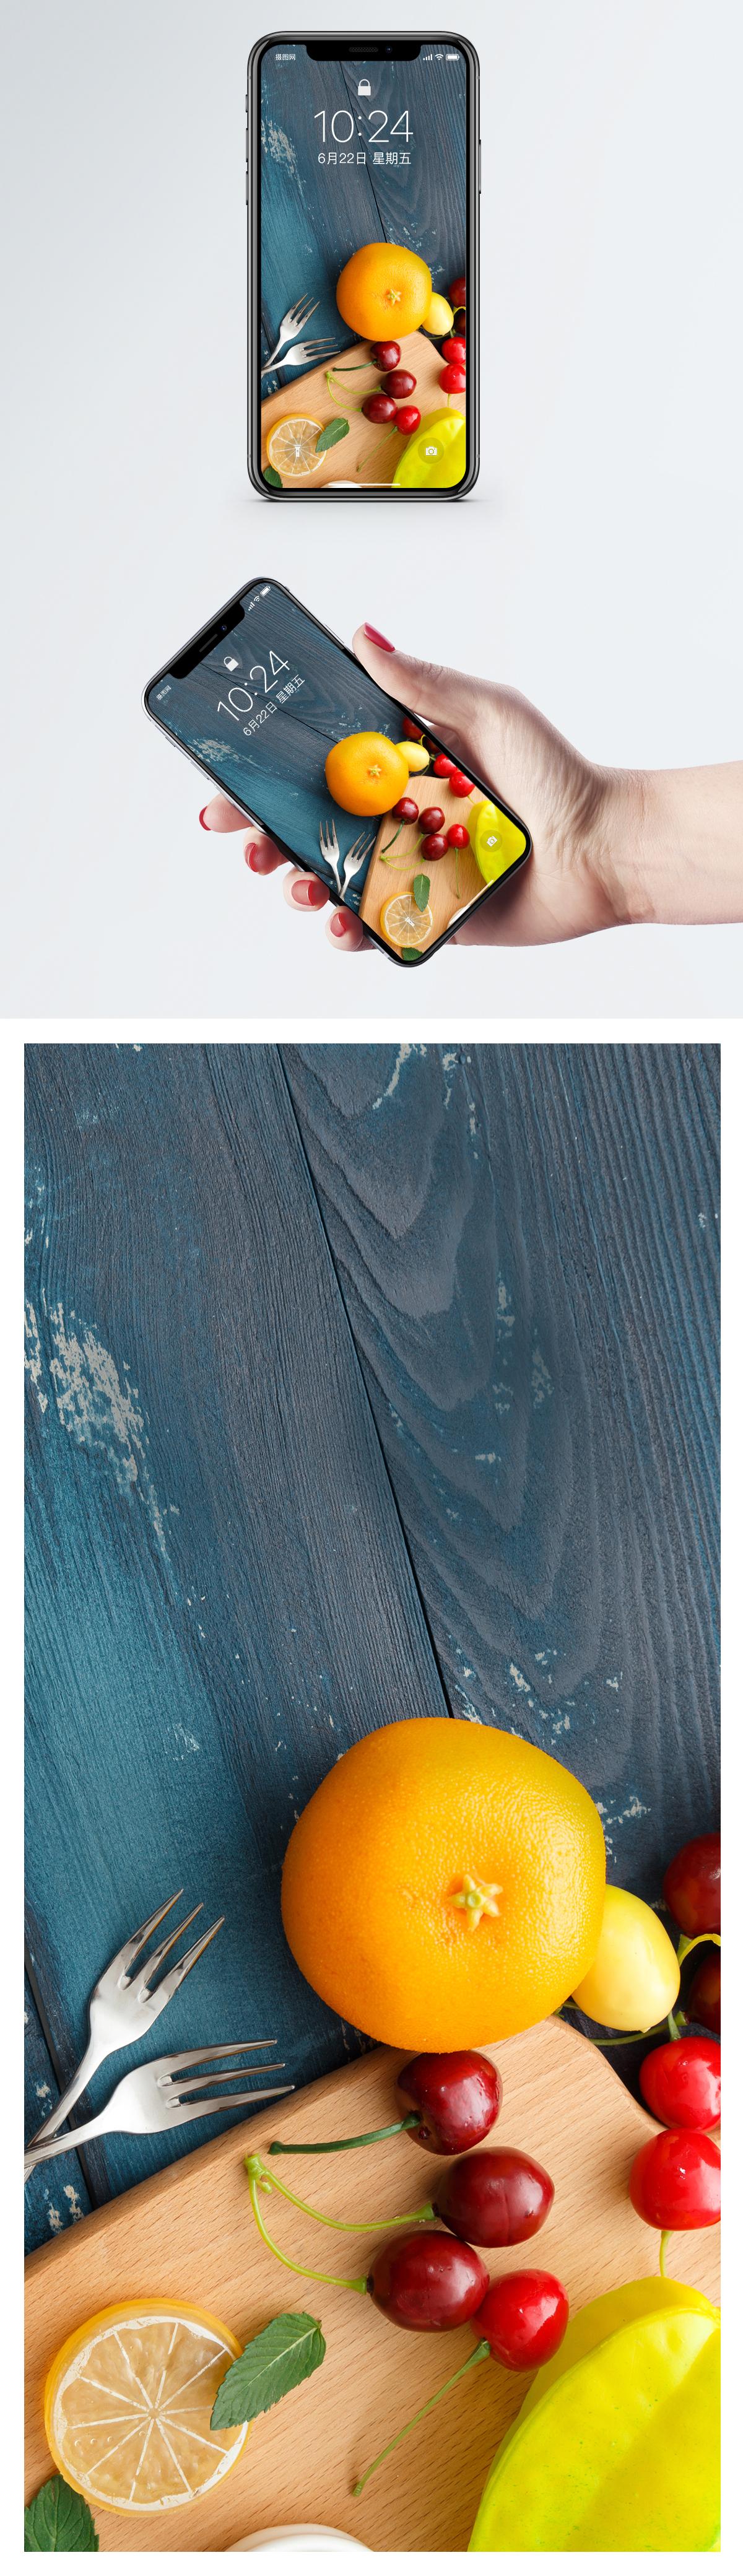 フルーツモバイル壁紙イメージ 背景 Id Prf画像フォーマットjpg Jp Lovepik Com